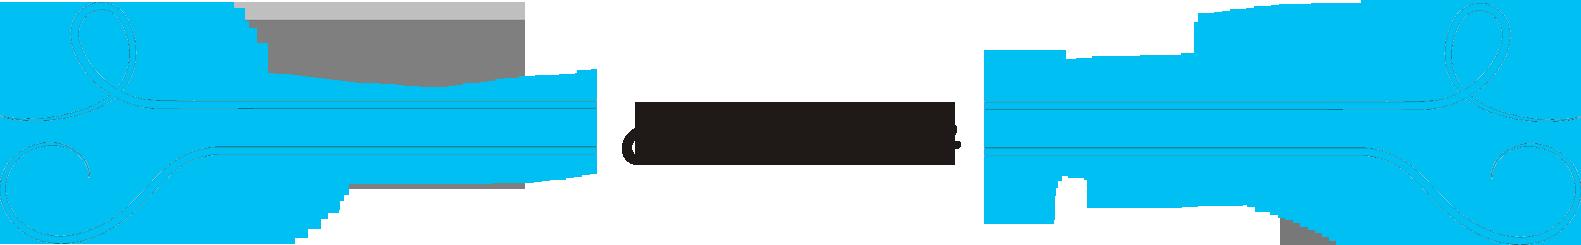 Hanoverian